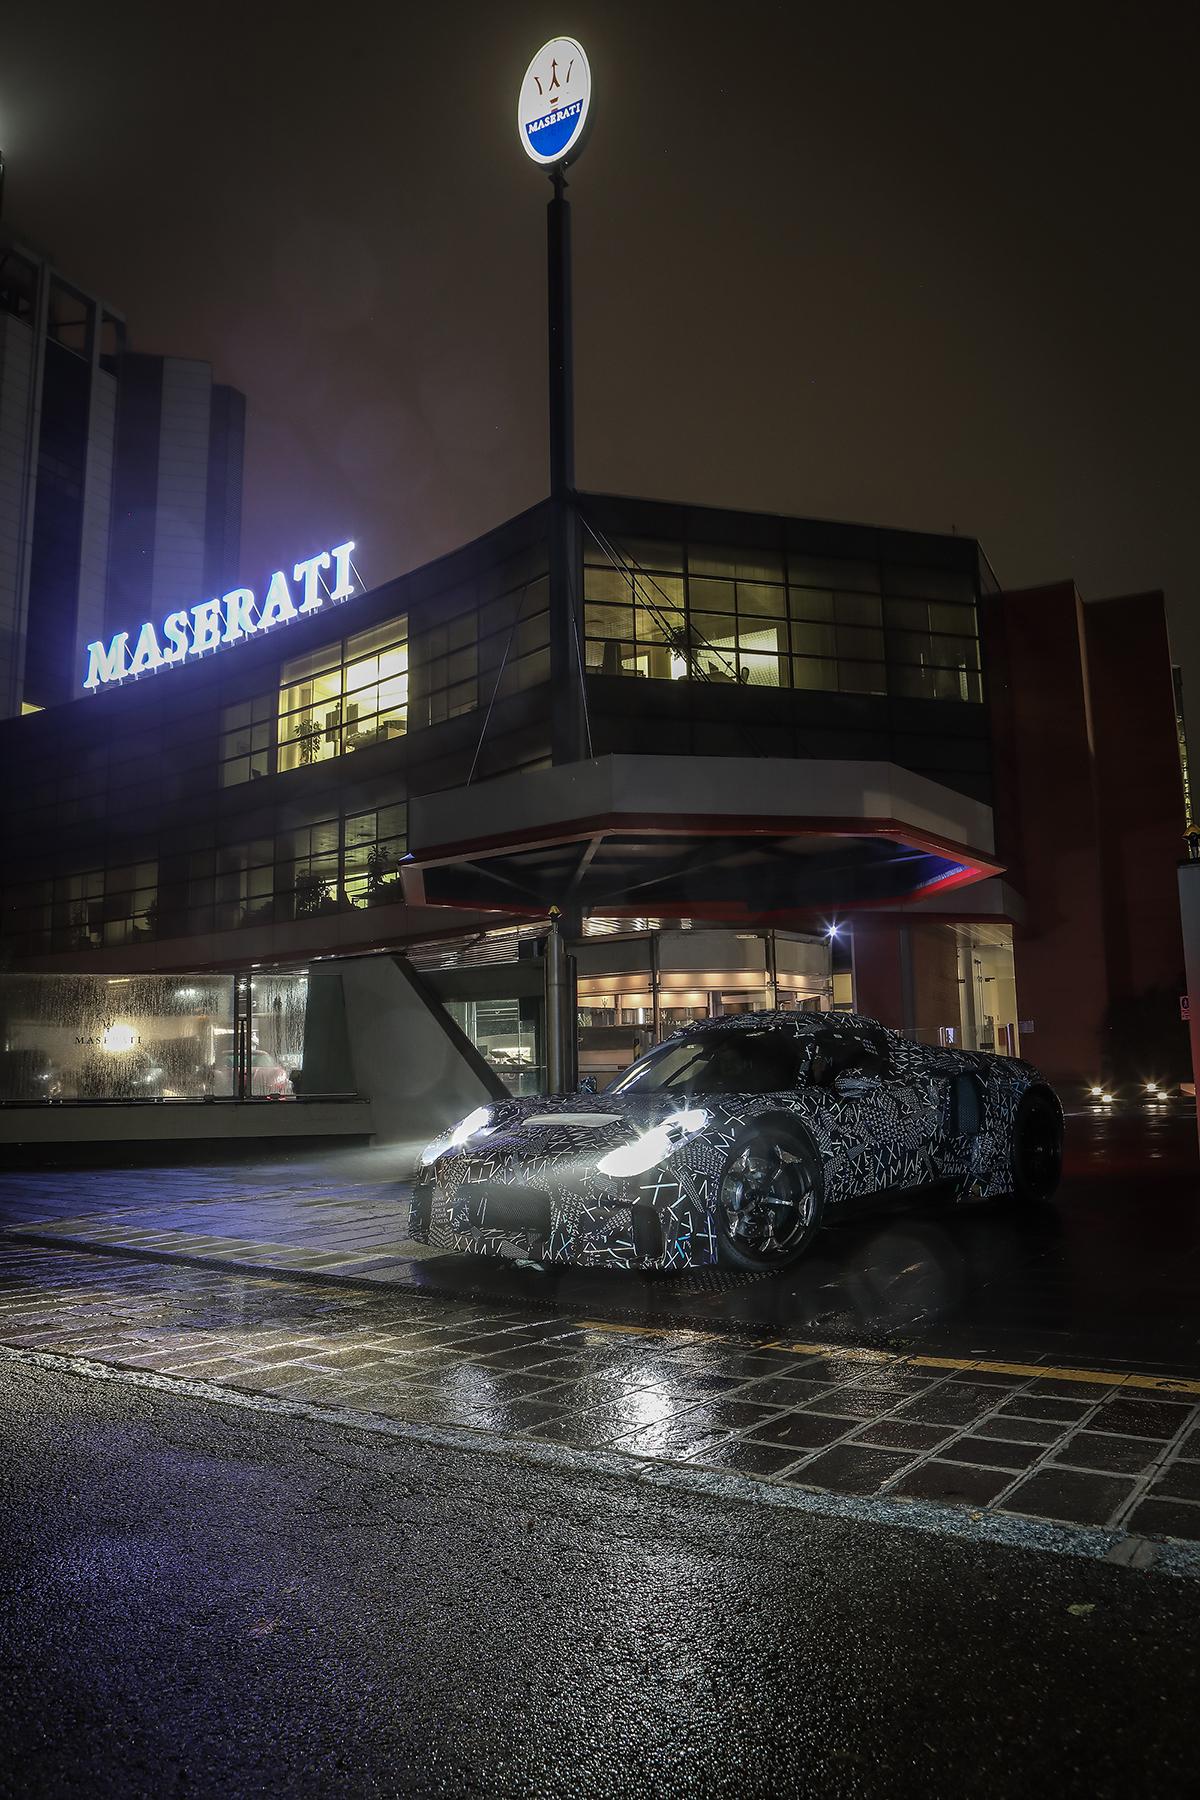 Maserati begint met testen van nieuwe motor